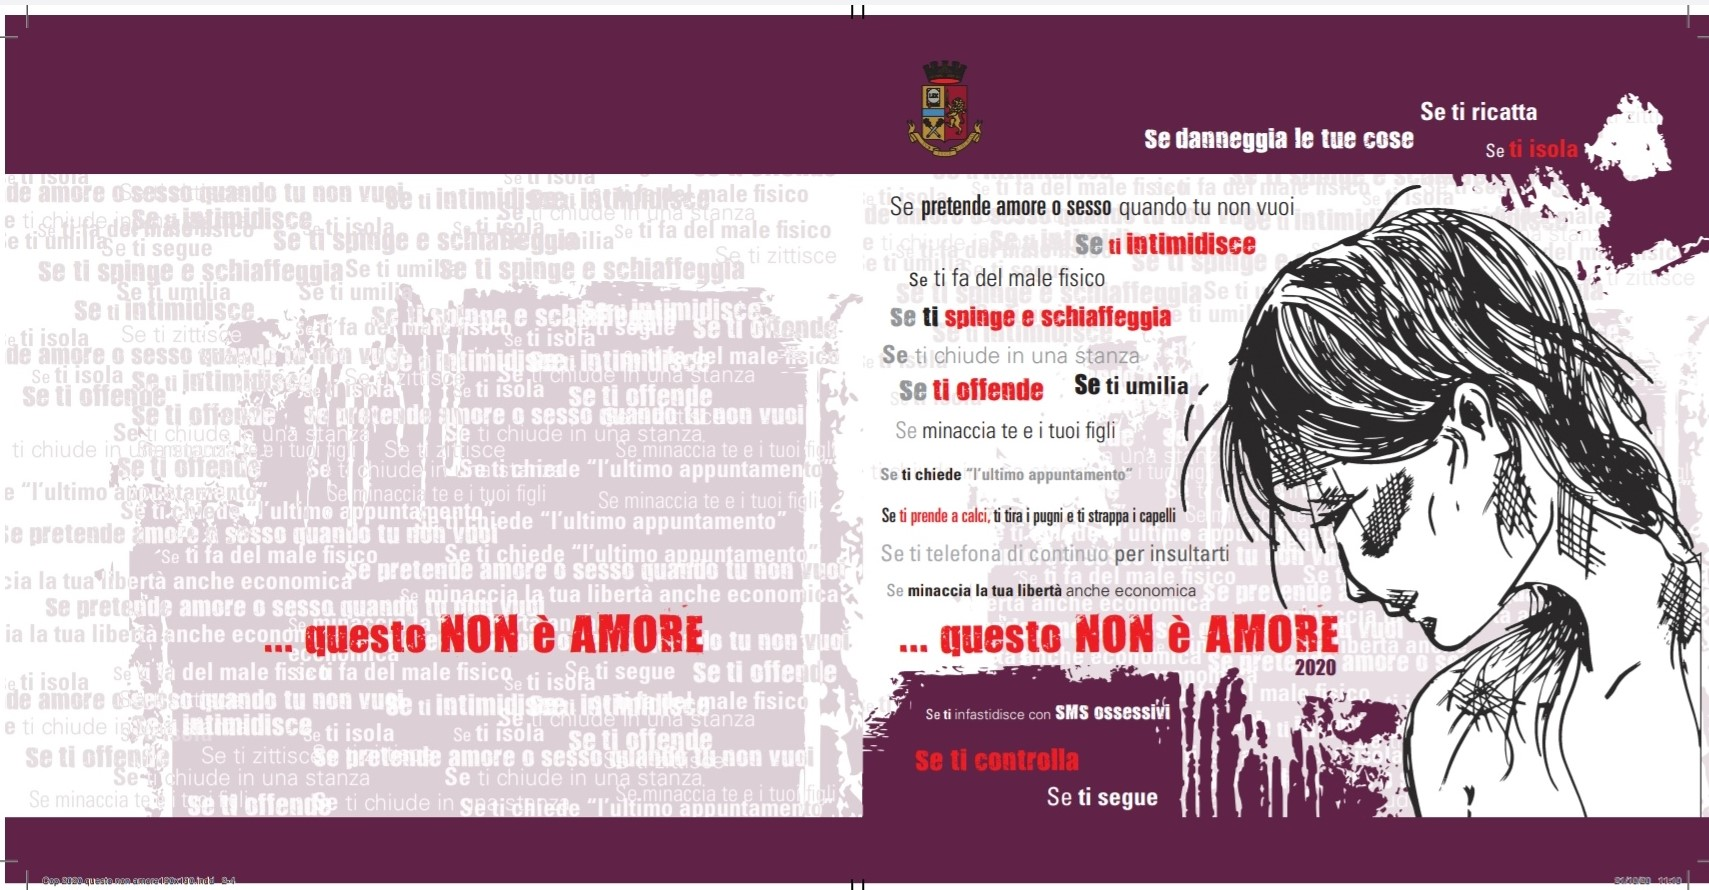 Polizia Di Stato Questure Sul Web Bologna